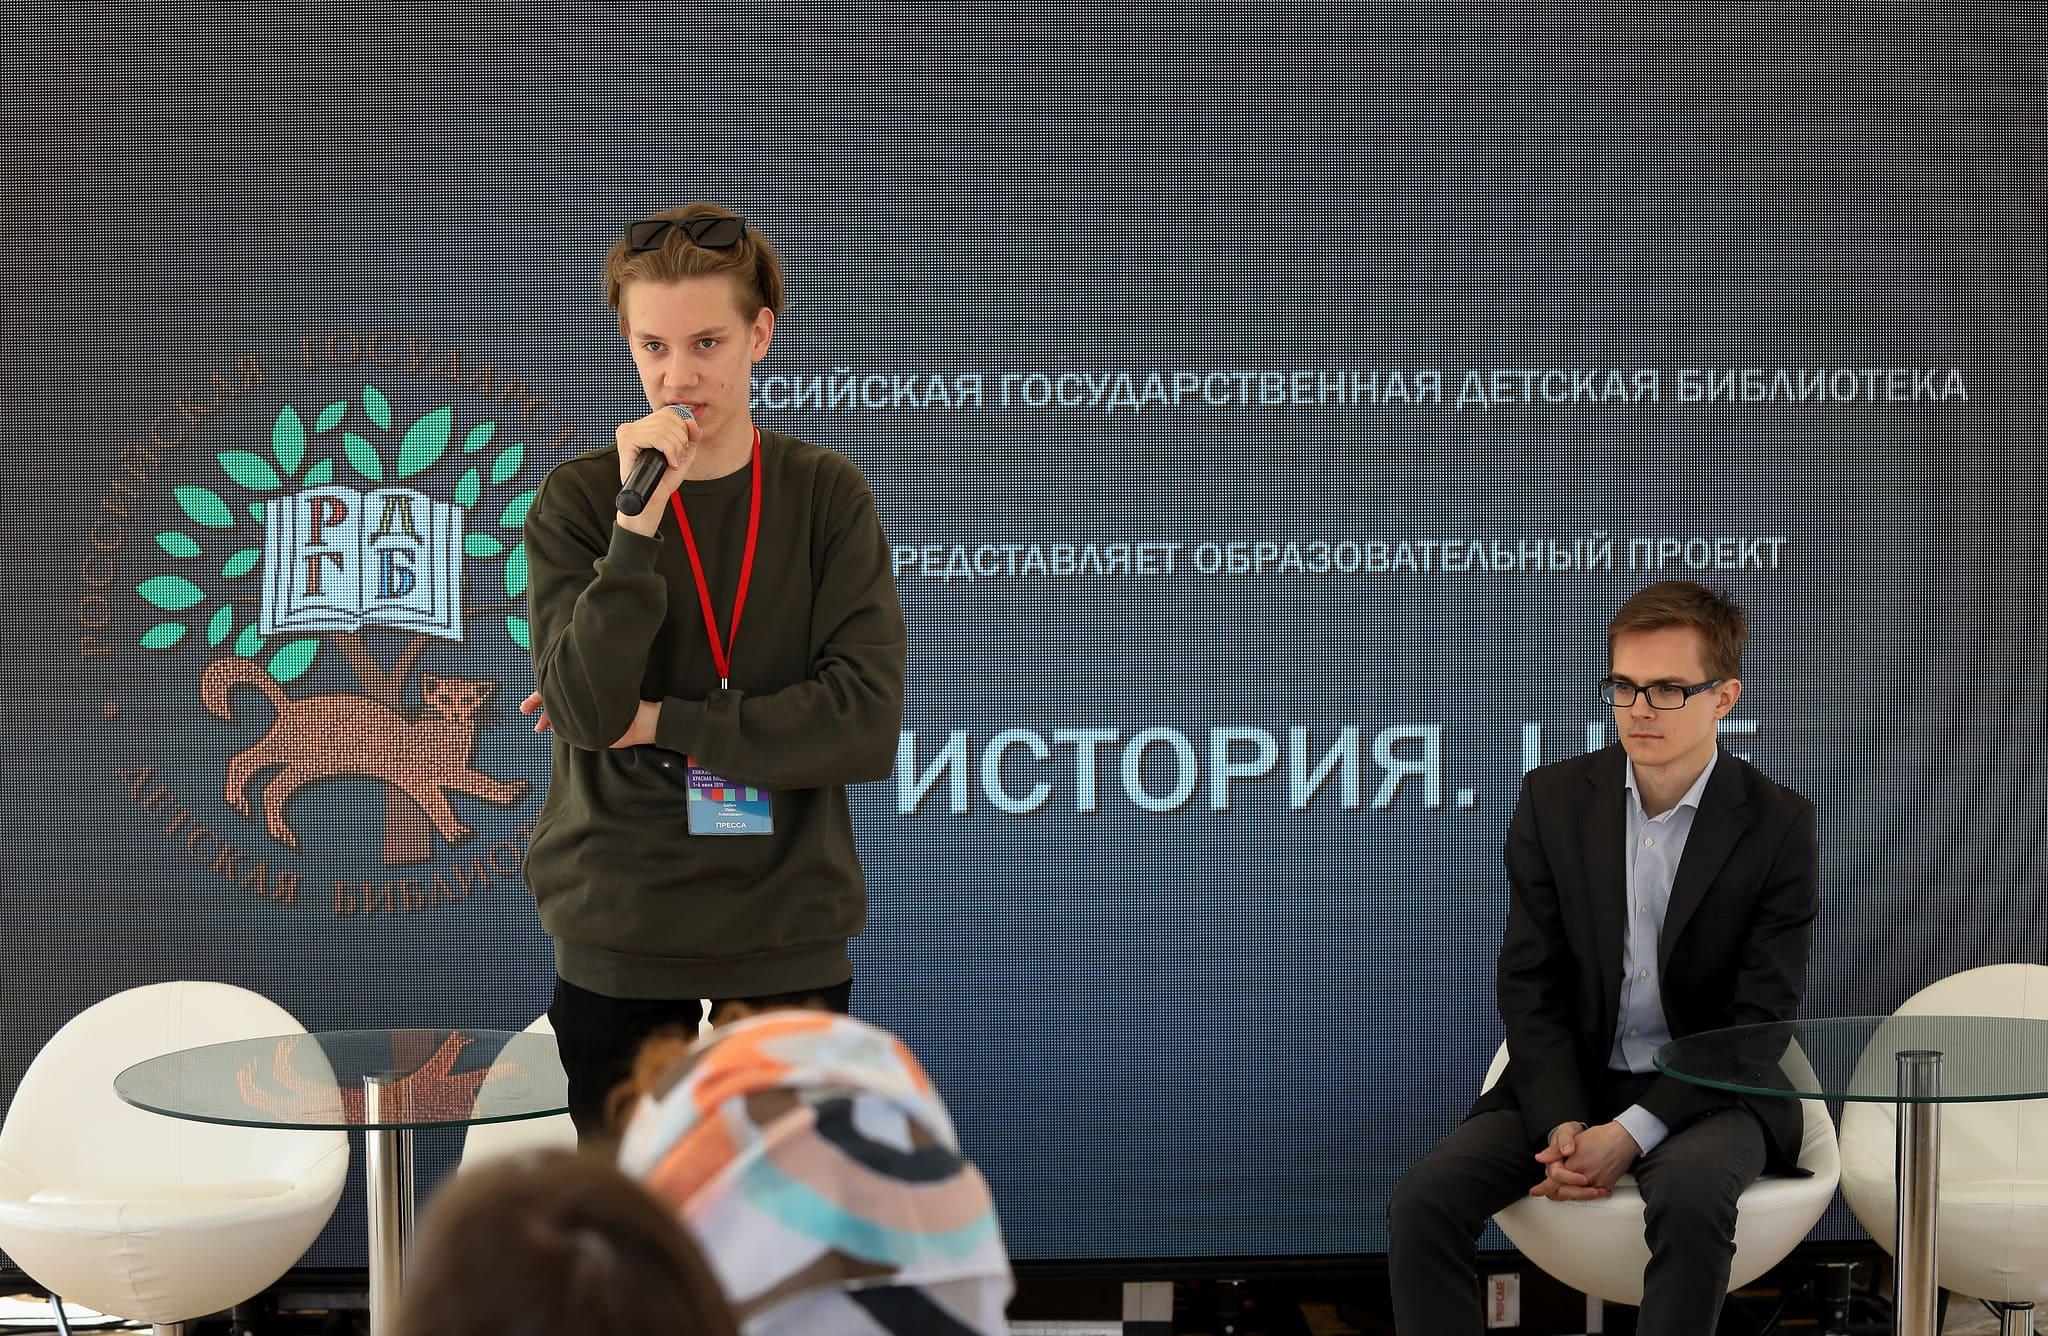 Историк и режиссер-аниматор Сергей Токарев и 16-летний студент и блогер Иван Бабич / Предоставлено пресс-службой РГДБ